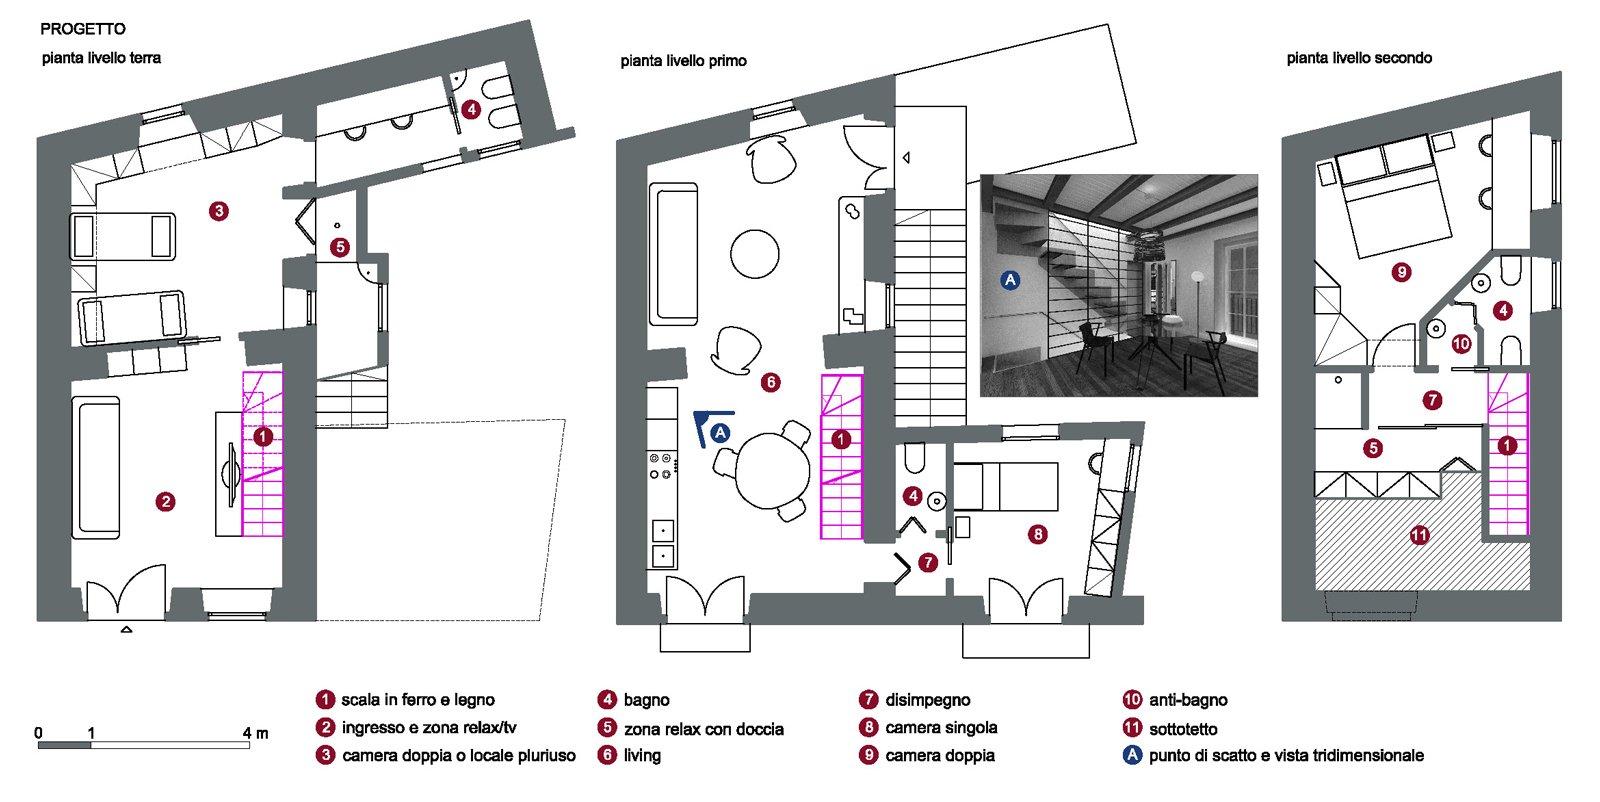 Progetto in pianta e 3d della casa su 3 livelli cose di casa - Autorizzazione condominio per ampliamento piano casa ...